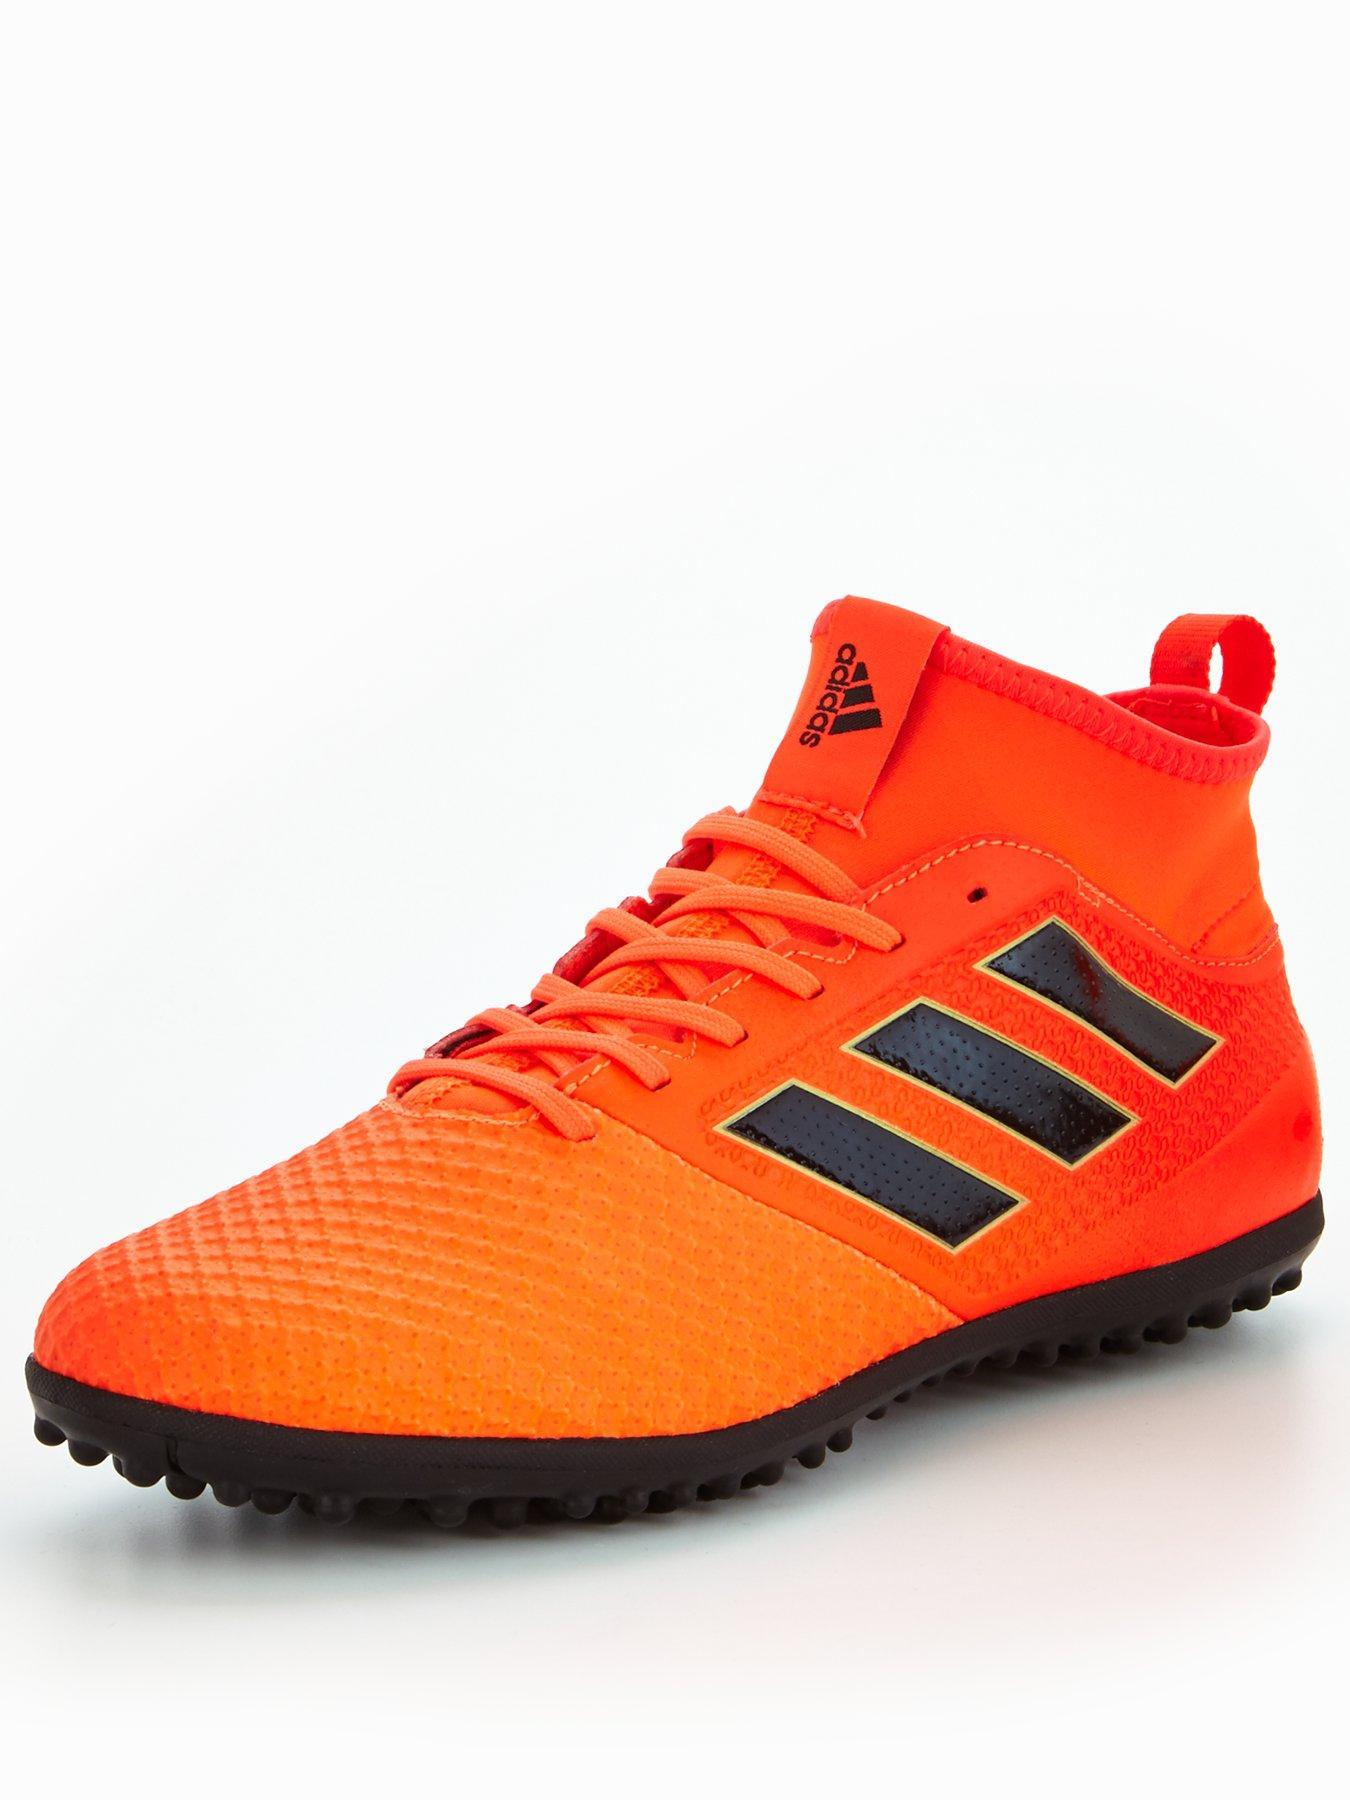 3e908cea3209 adidas ace 17.3 sports direct